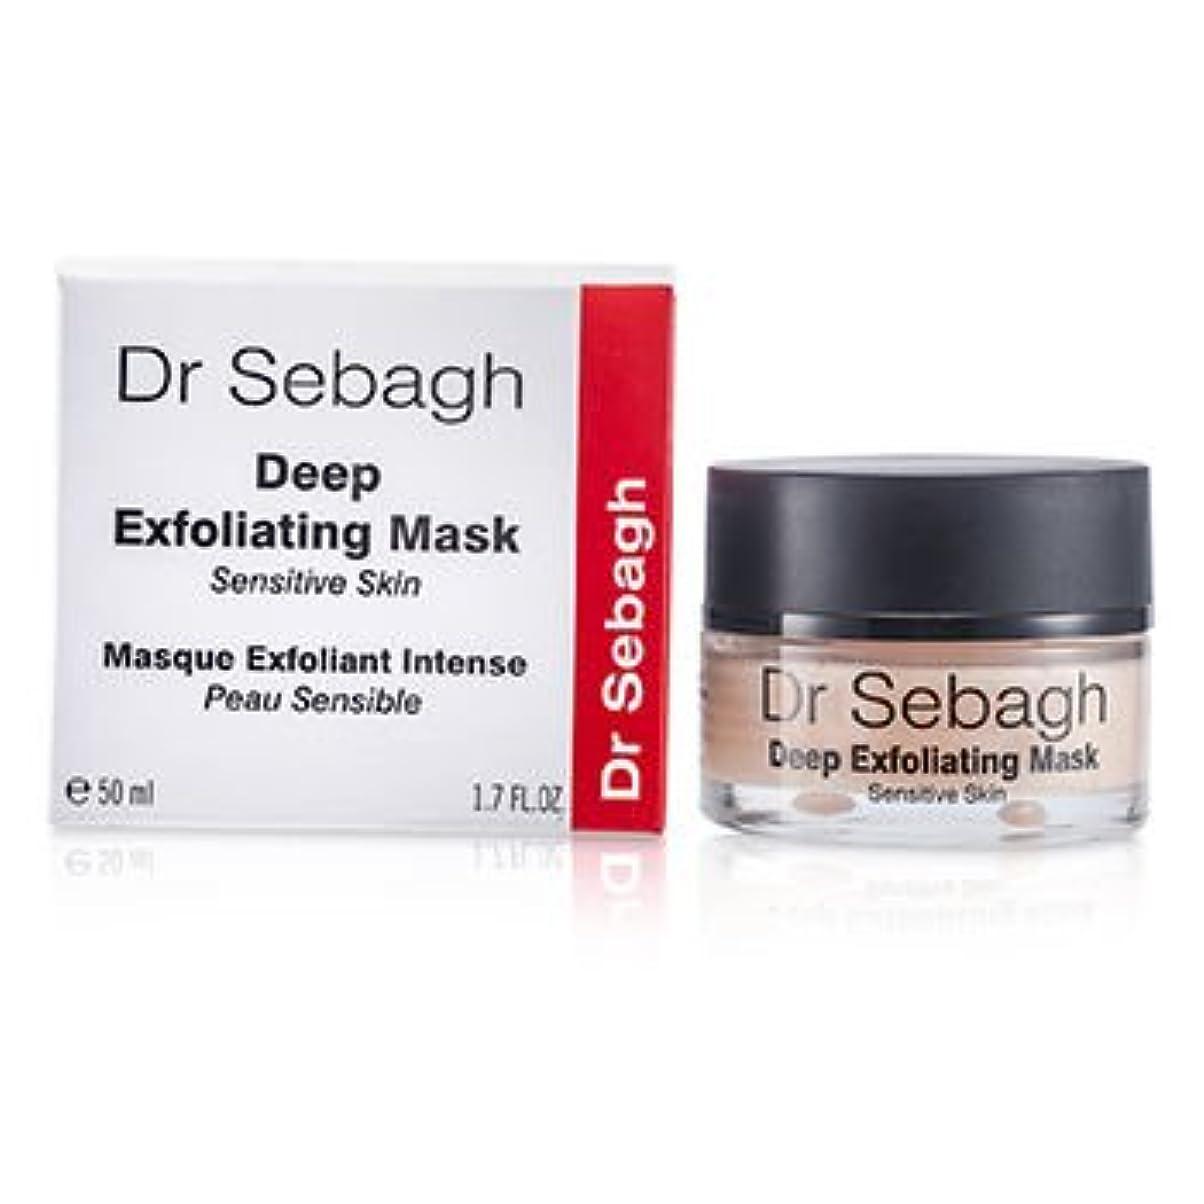 デザート逸話著作権ドクターセバーグ ディープ エクスフォリエイティング マスク - 敏感肌 50ml/1.7oz並行輸入品